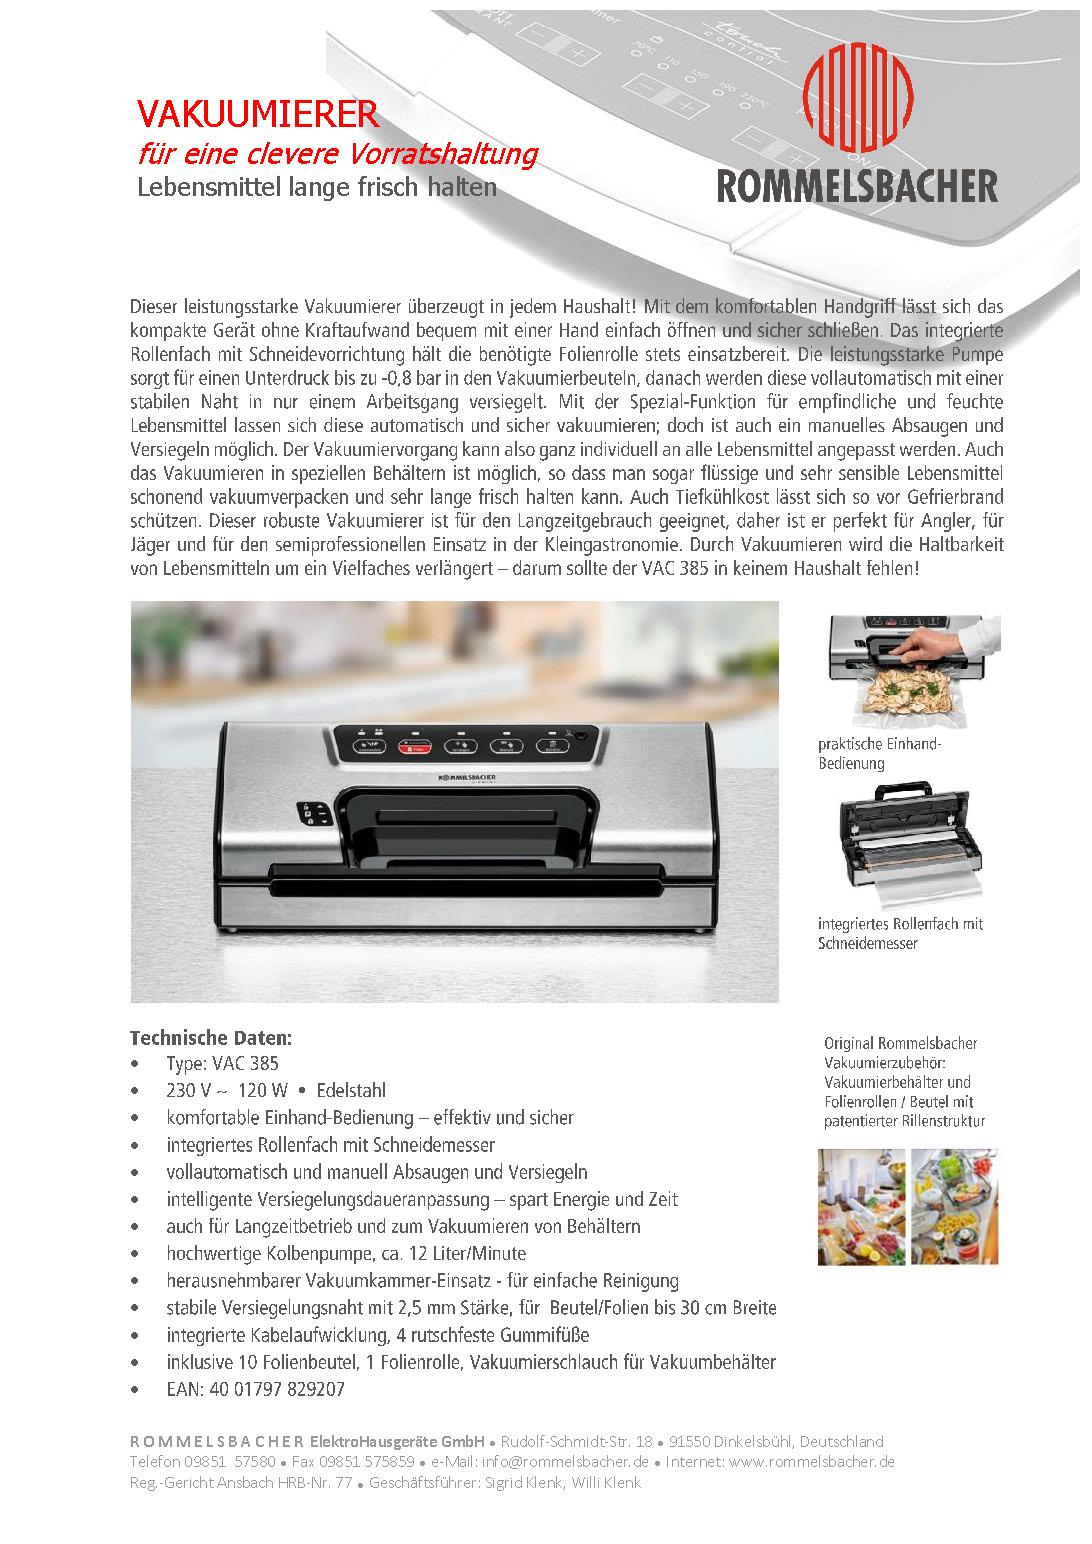 ROMMELSBACHER Vakuumierer VAC 385